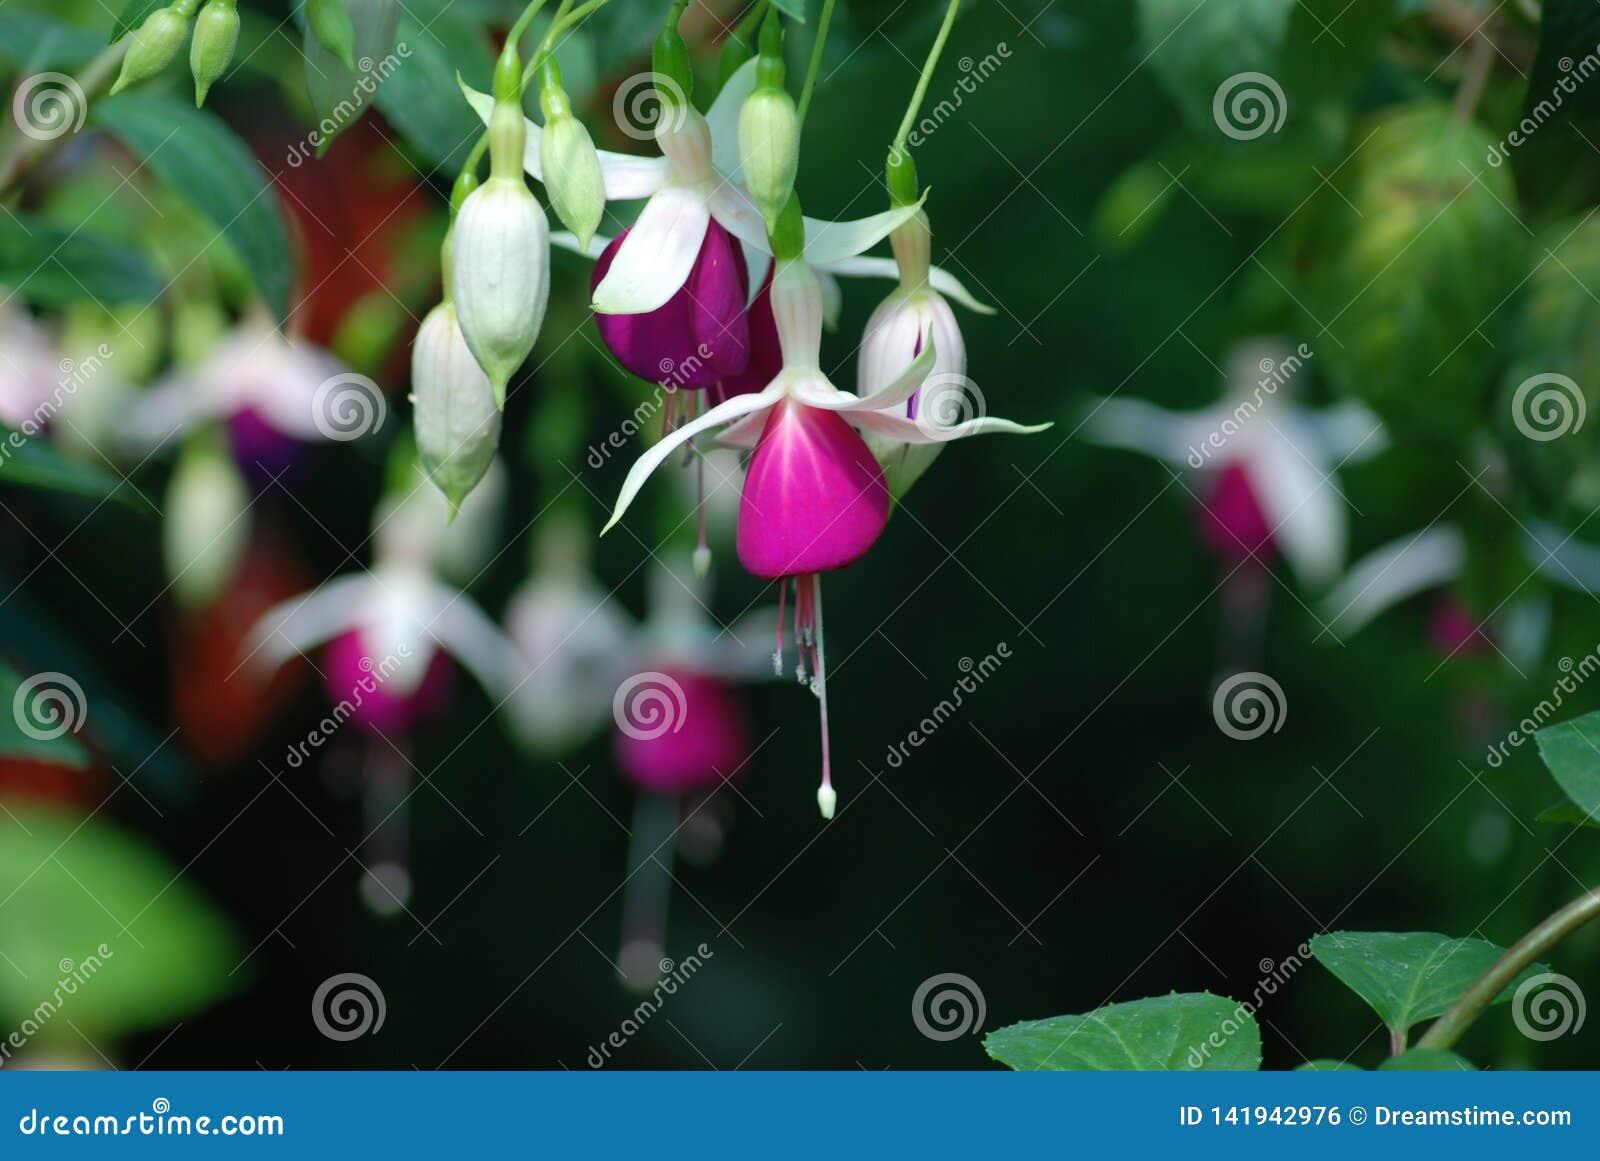 Nedåtriktade hängande vita purpurfärgade fuchsiablom